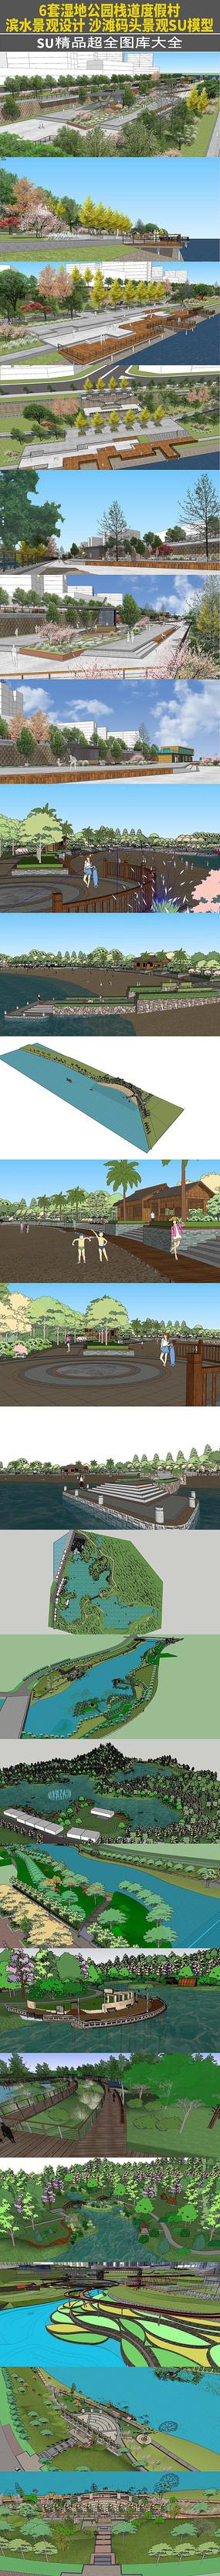 湿地公园栈道度假村广场SU模型图集